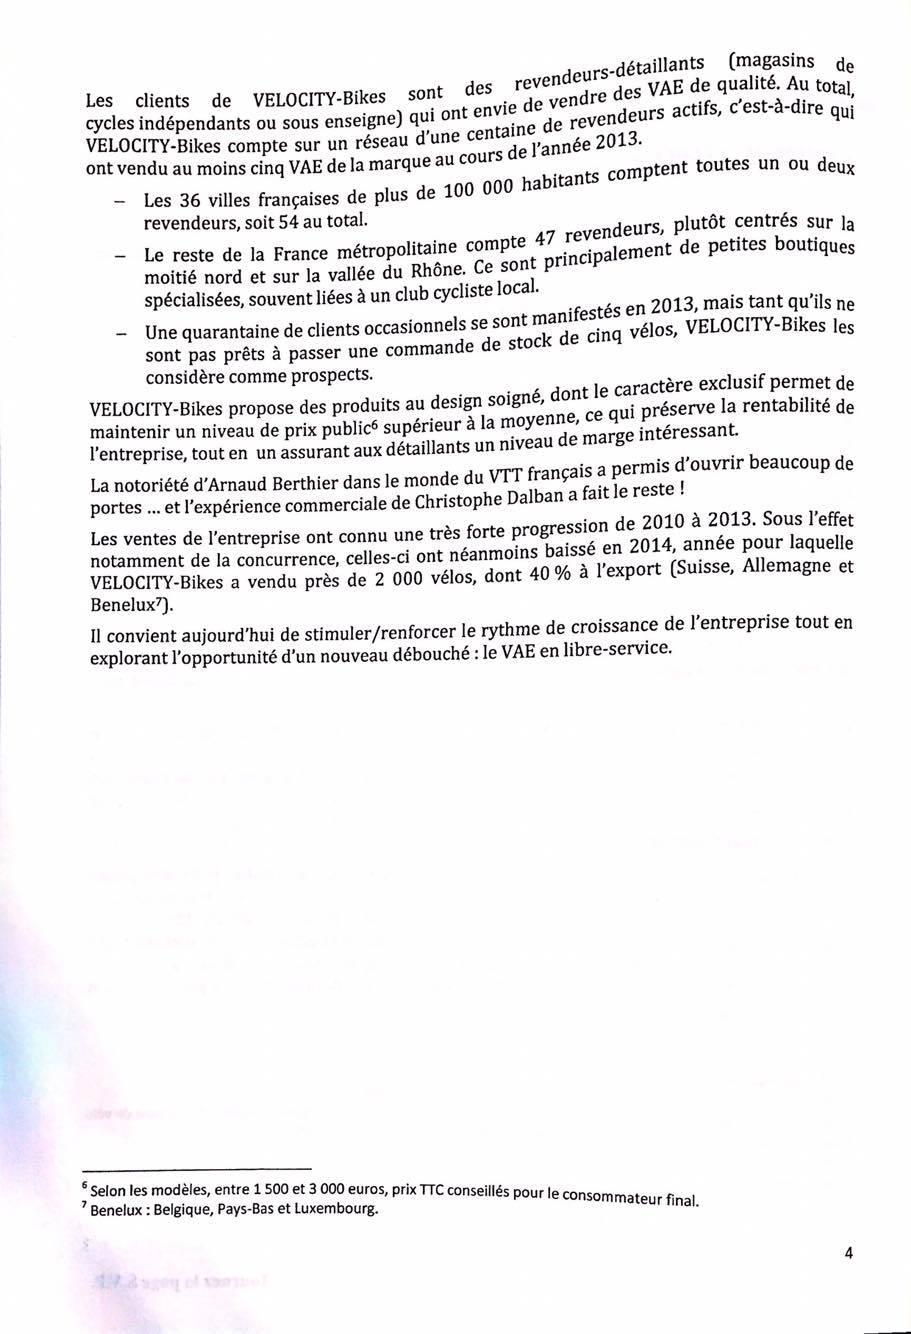 Management-Gestion EM Strasbourg - Page 4